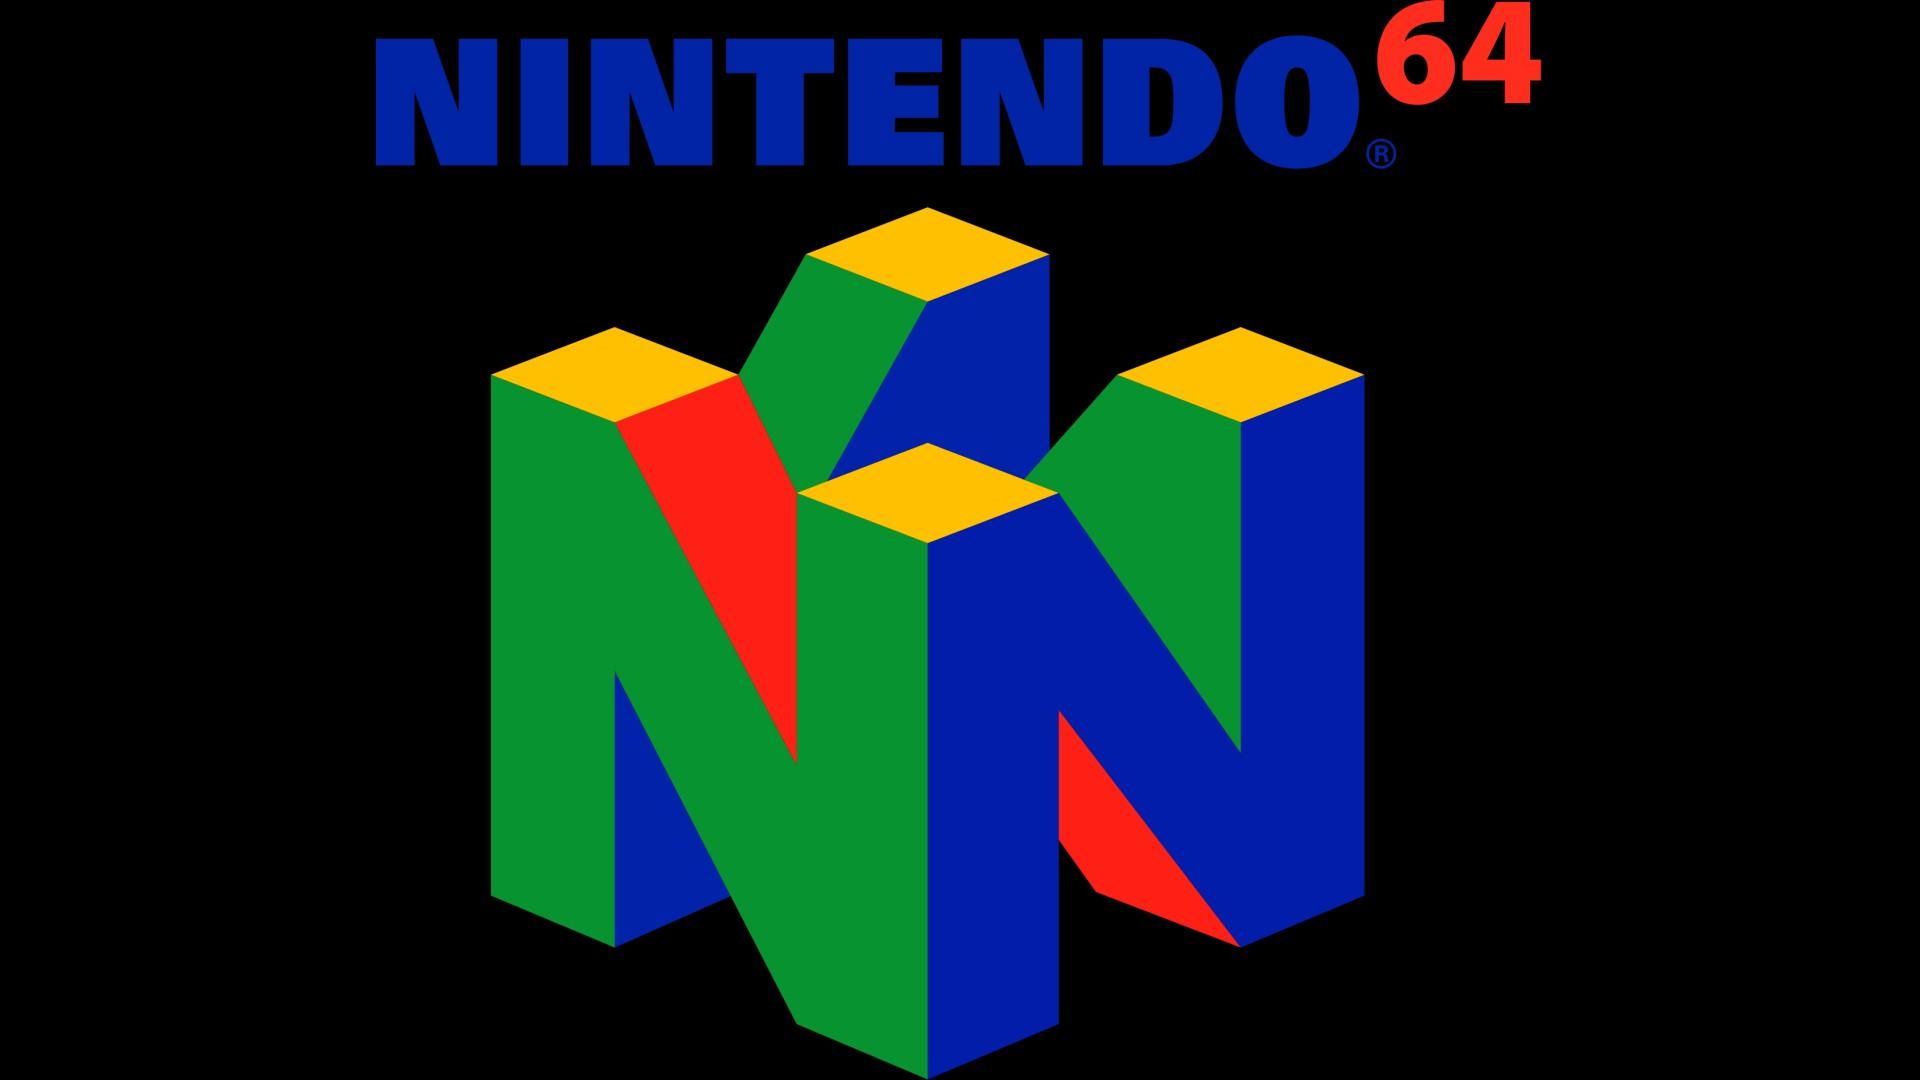 orig_N64_logo_N